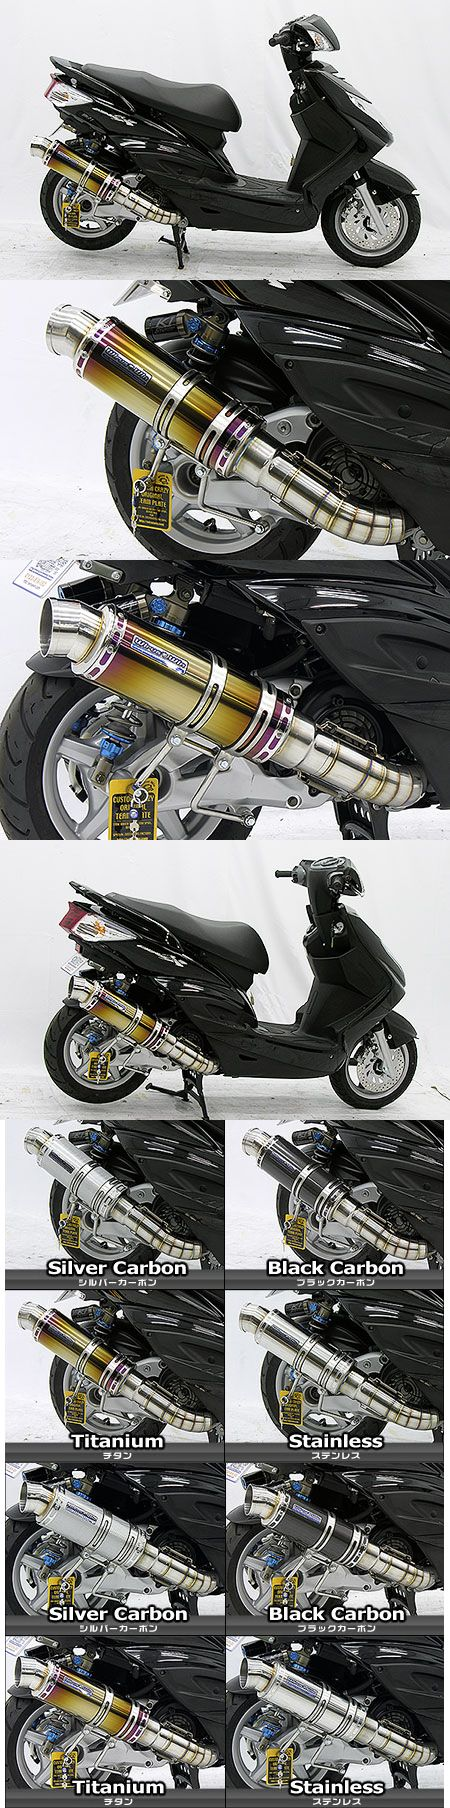 【WirusWin】Premium全段排氣管 鈦合金款式 - 「Webike-摩托百貨」